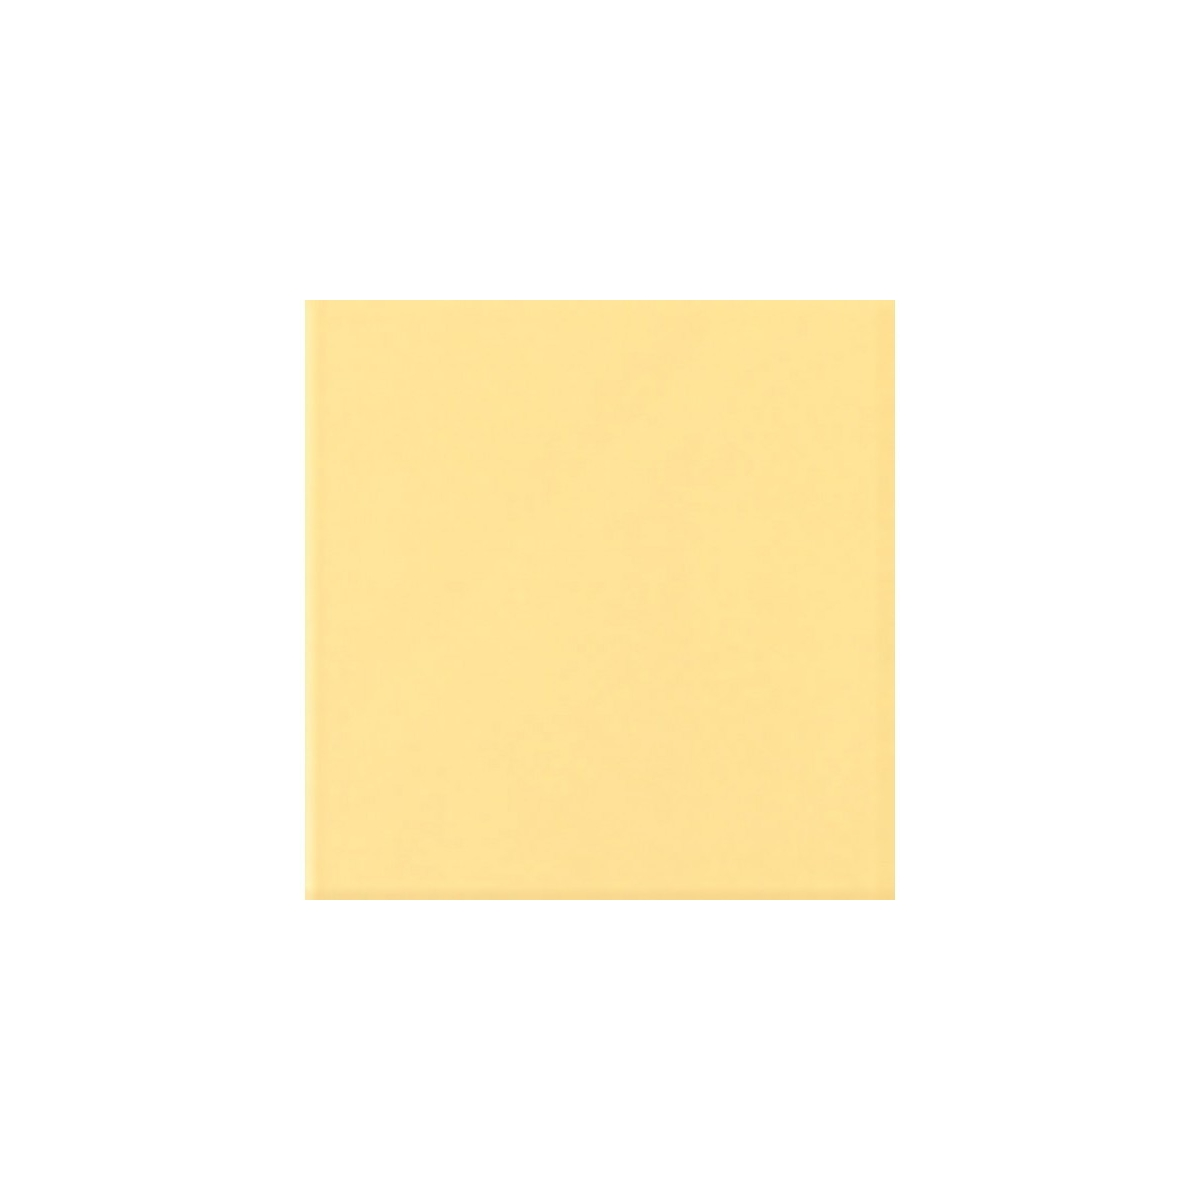 Color Amarillo Mate - Colección Colores Mate - Marca Mainzu